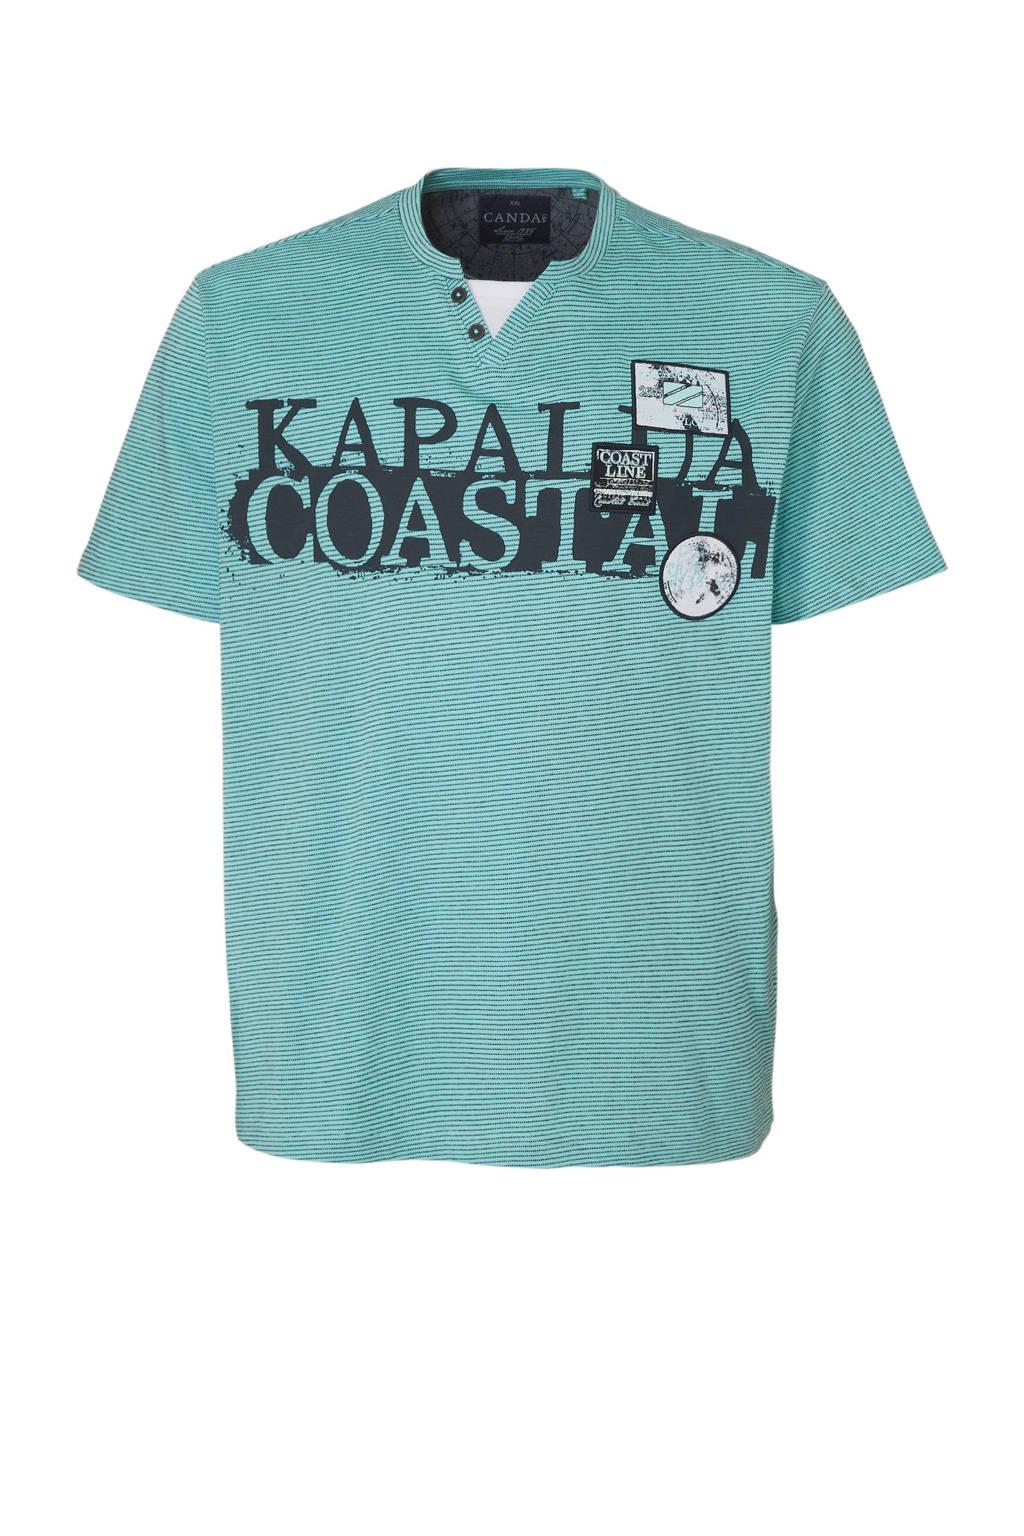 C&A XL Canda T-shirt, Mintgroen